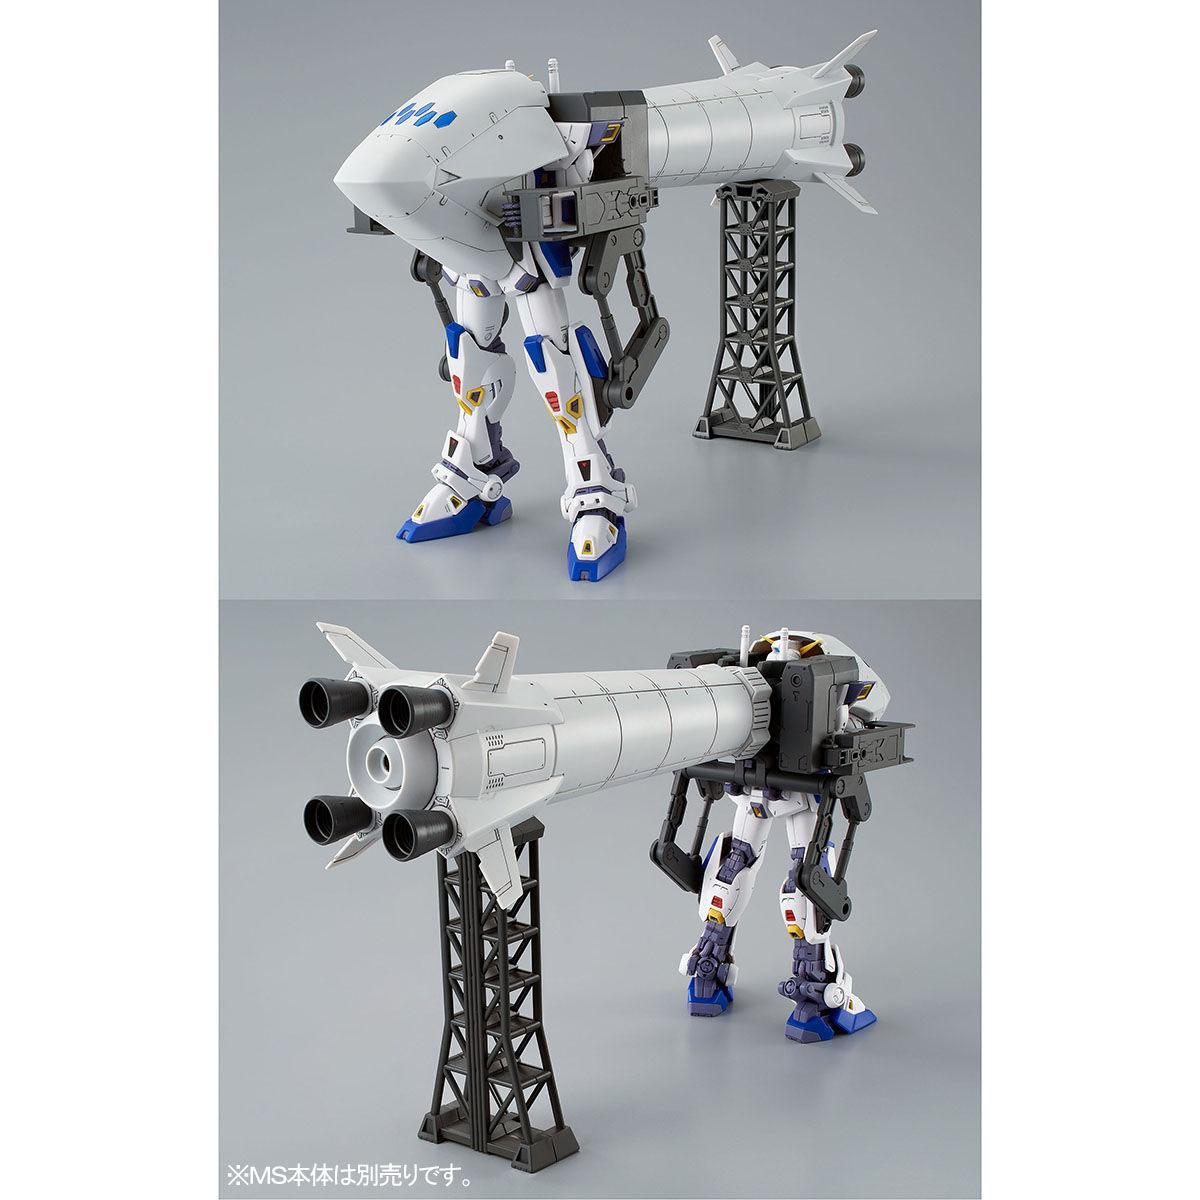 【限定販売】MG 1/100『ガンダムF90用 ミッションパック Oタイプ&Uタイプ』プラモデル-004